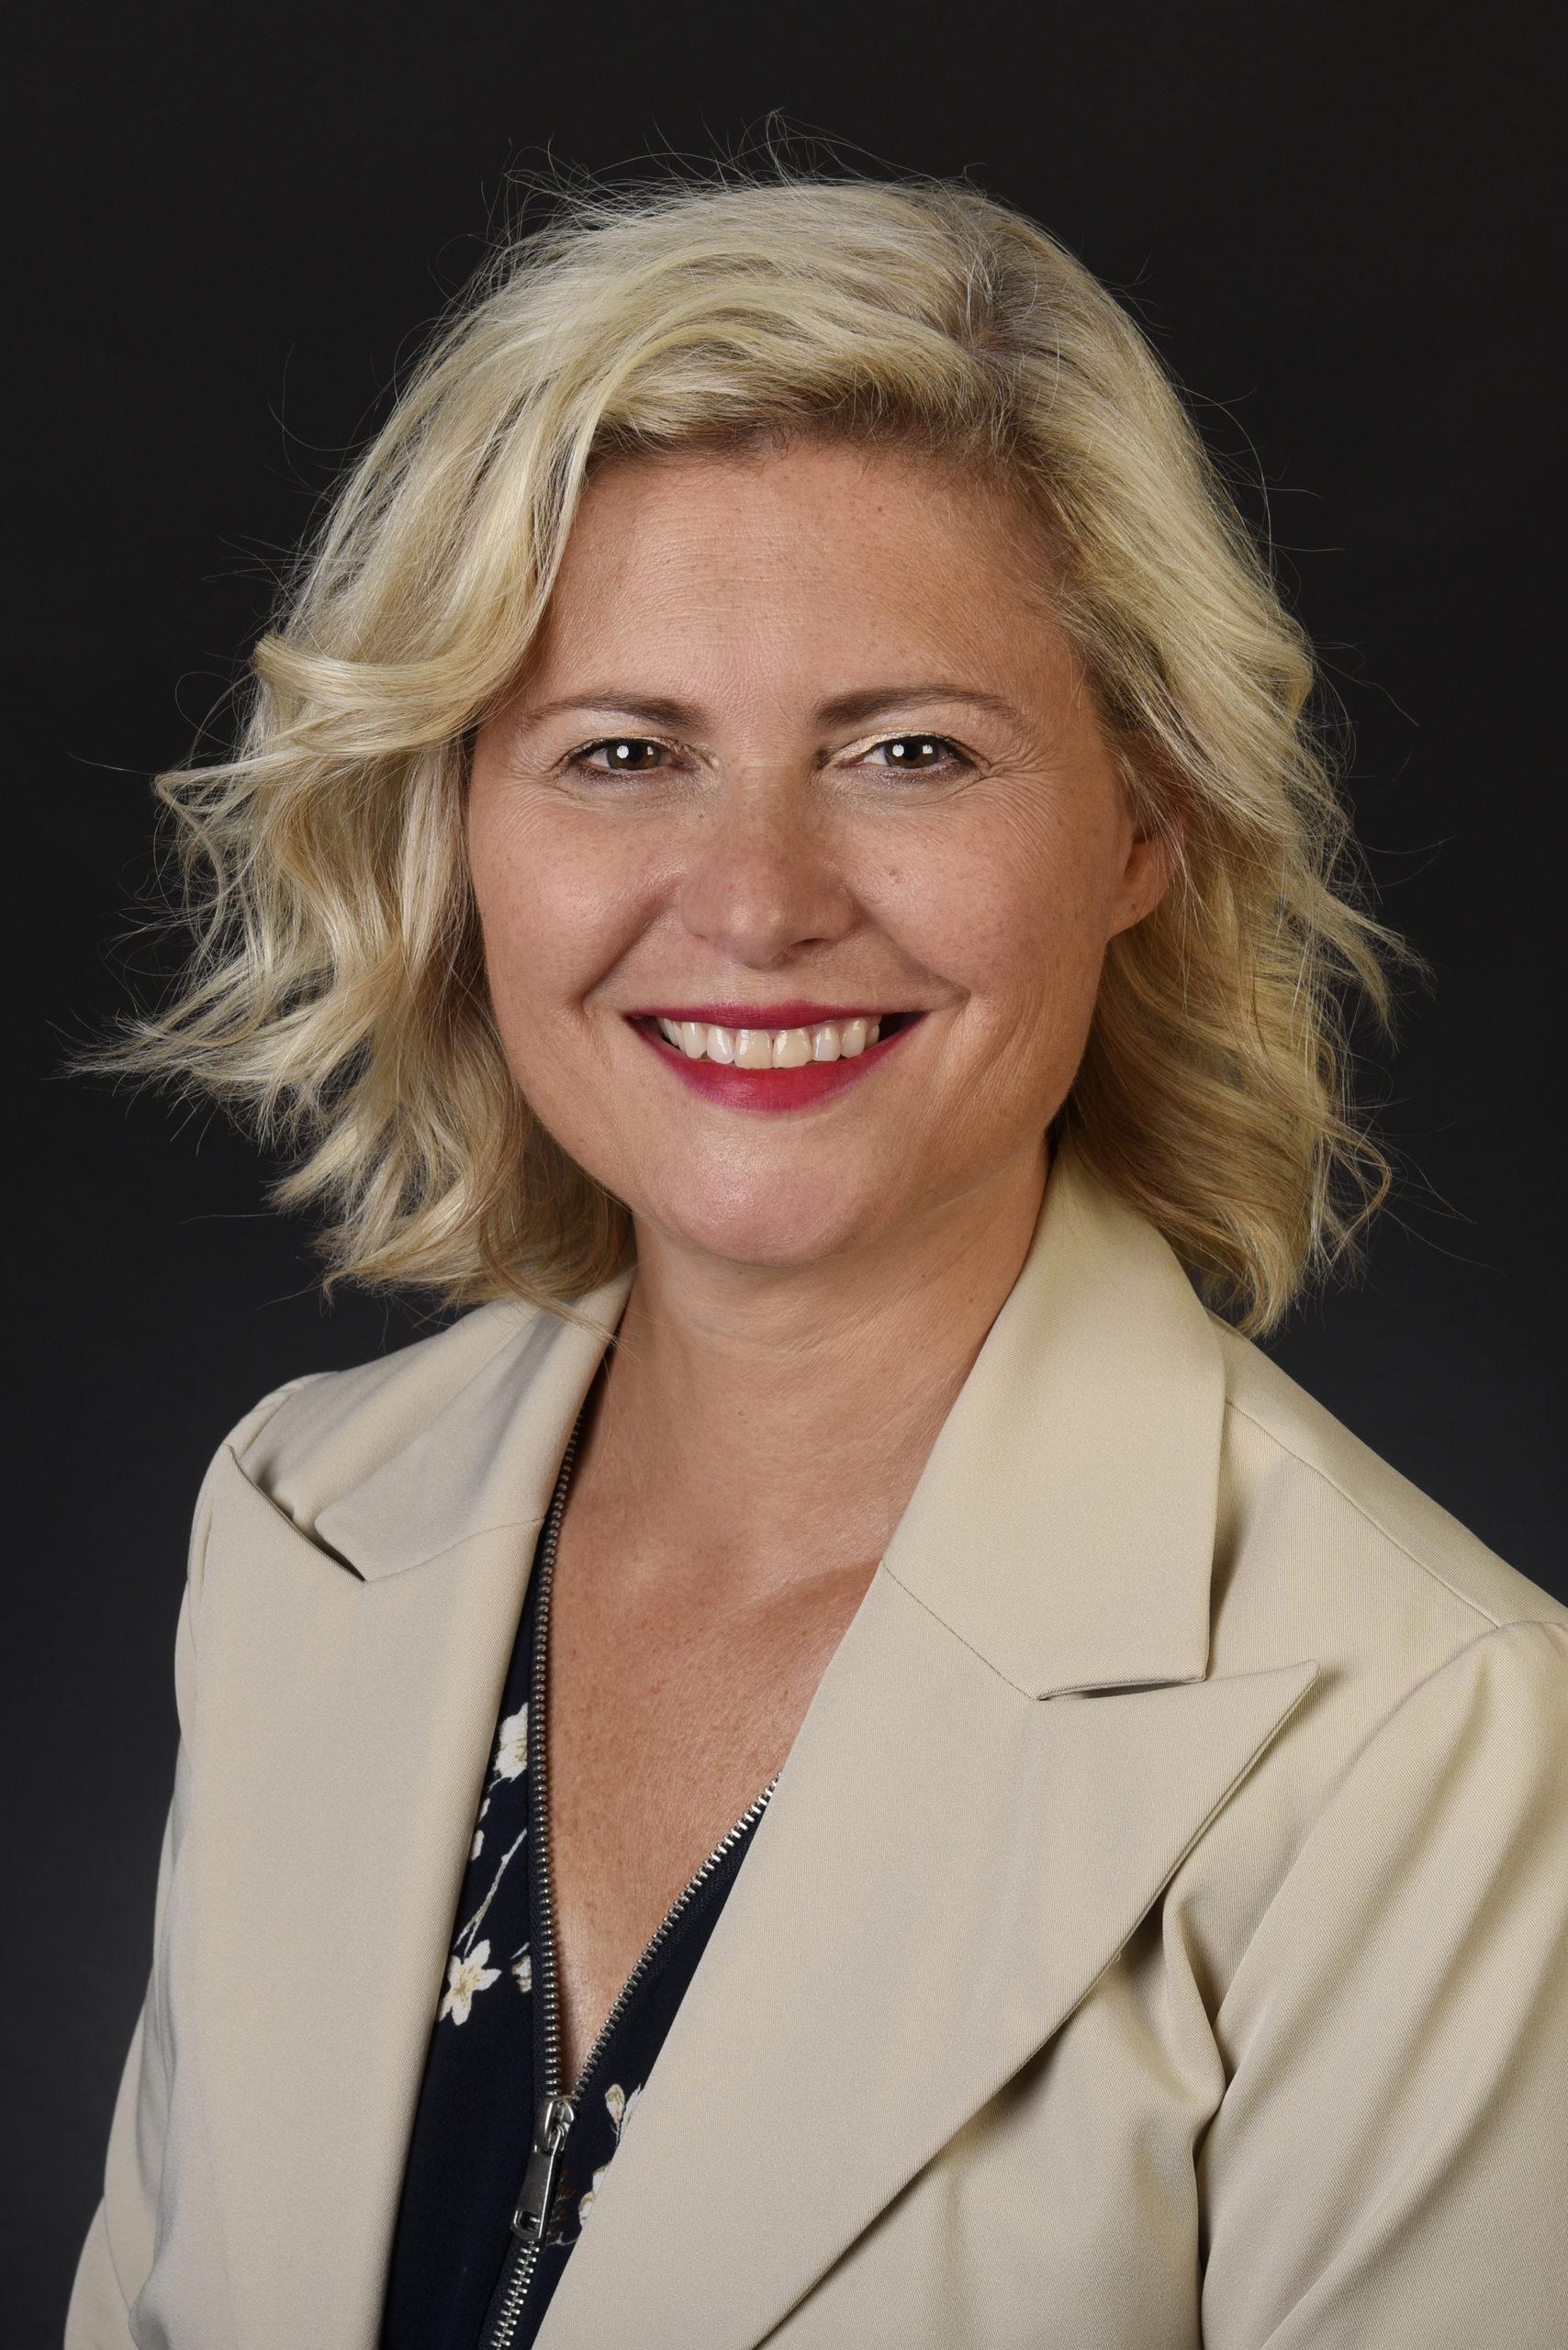 Deborah Kunz, rédactrice en communication d'entreprise & relations publiques pour DK Rédaction